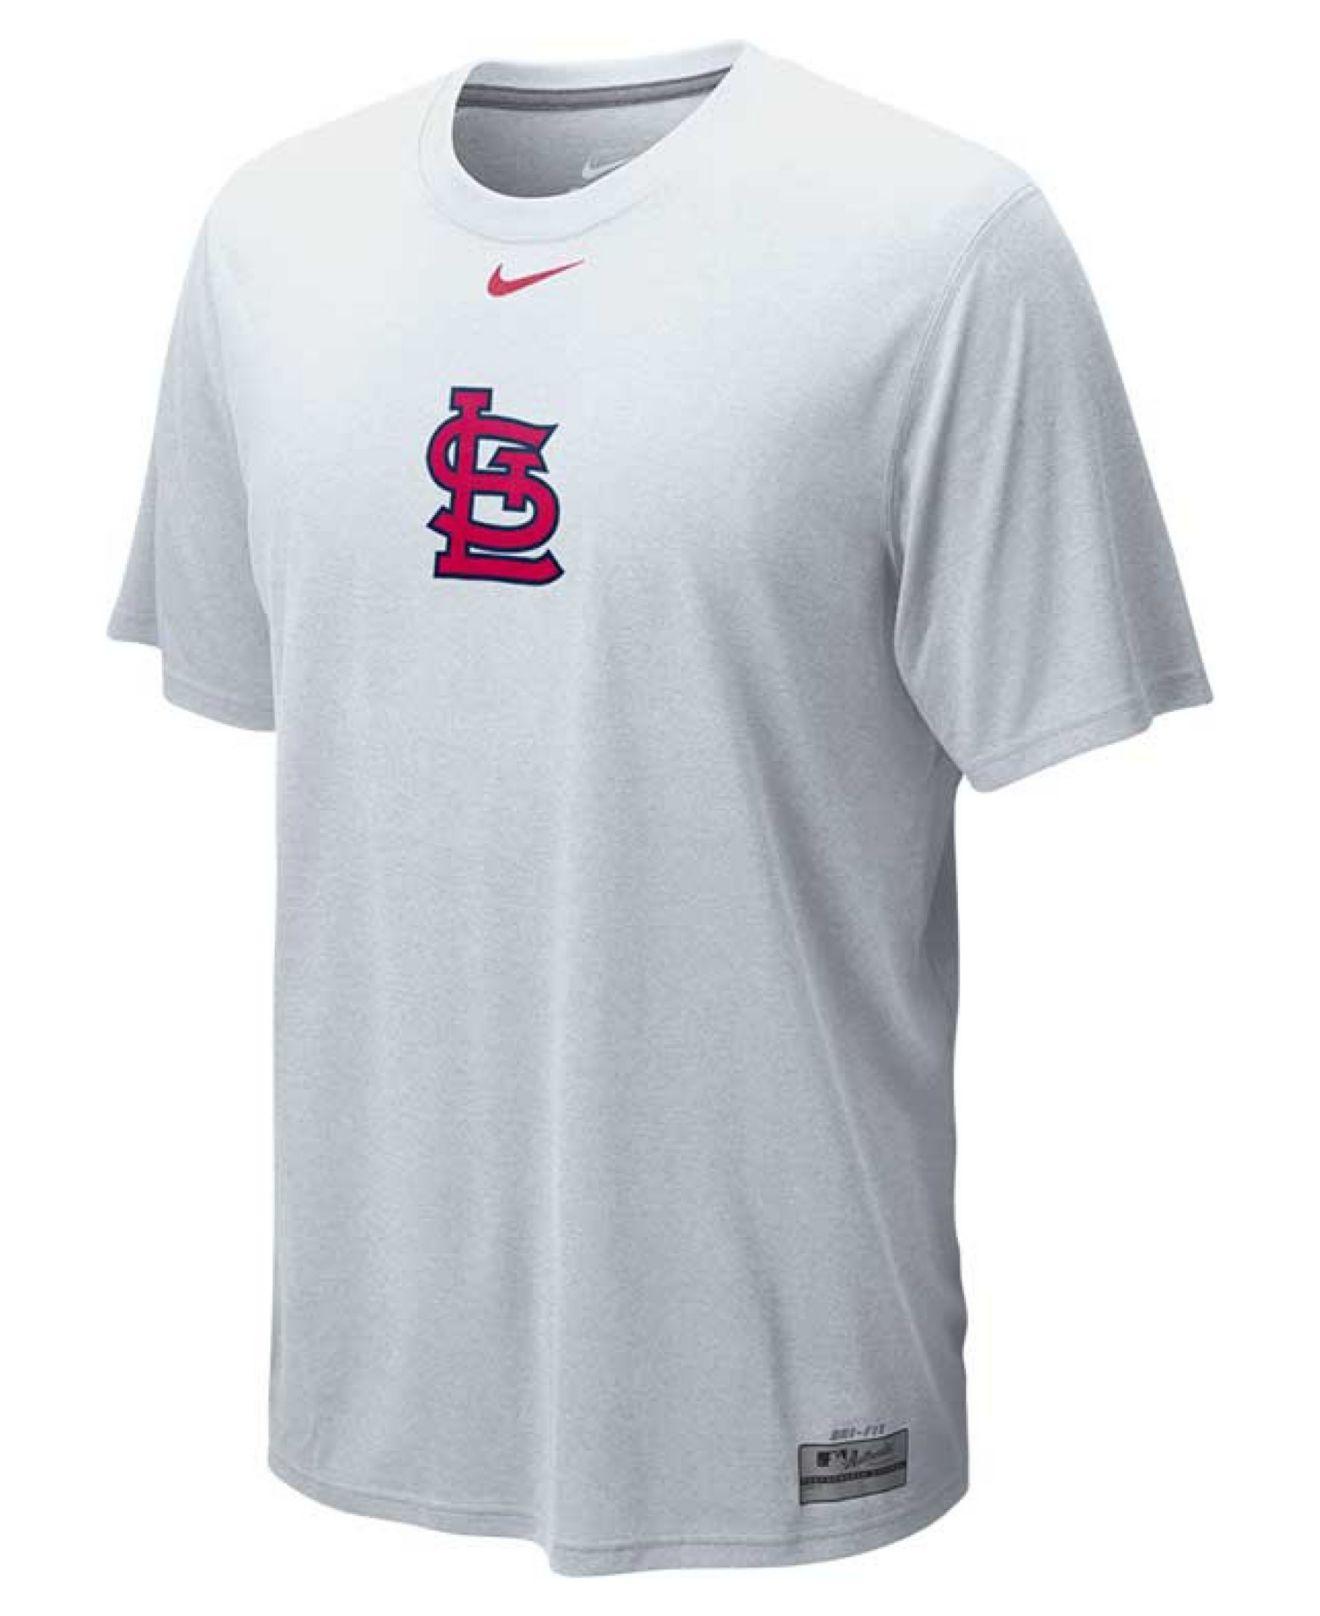 c02ea77cb9a Lyst - Nike Men s St. Louis Cardinals Dri-fit Logo Legend T-shirt in ...